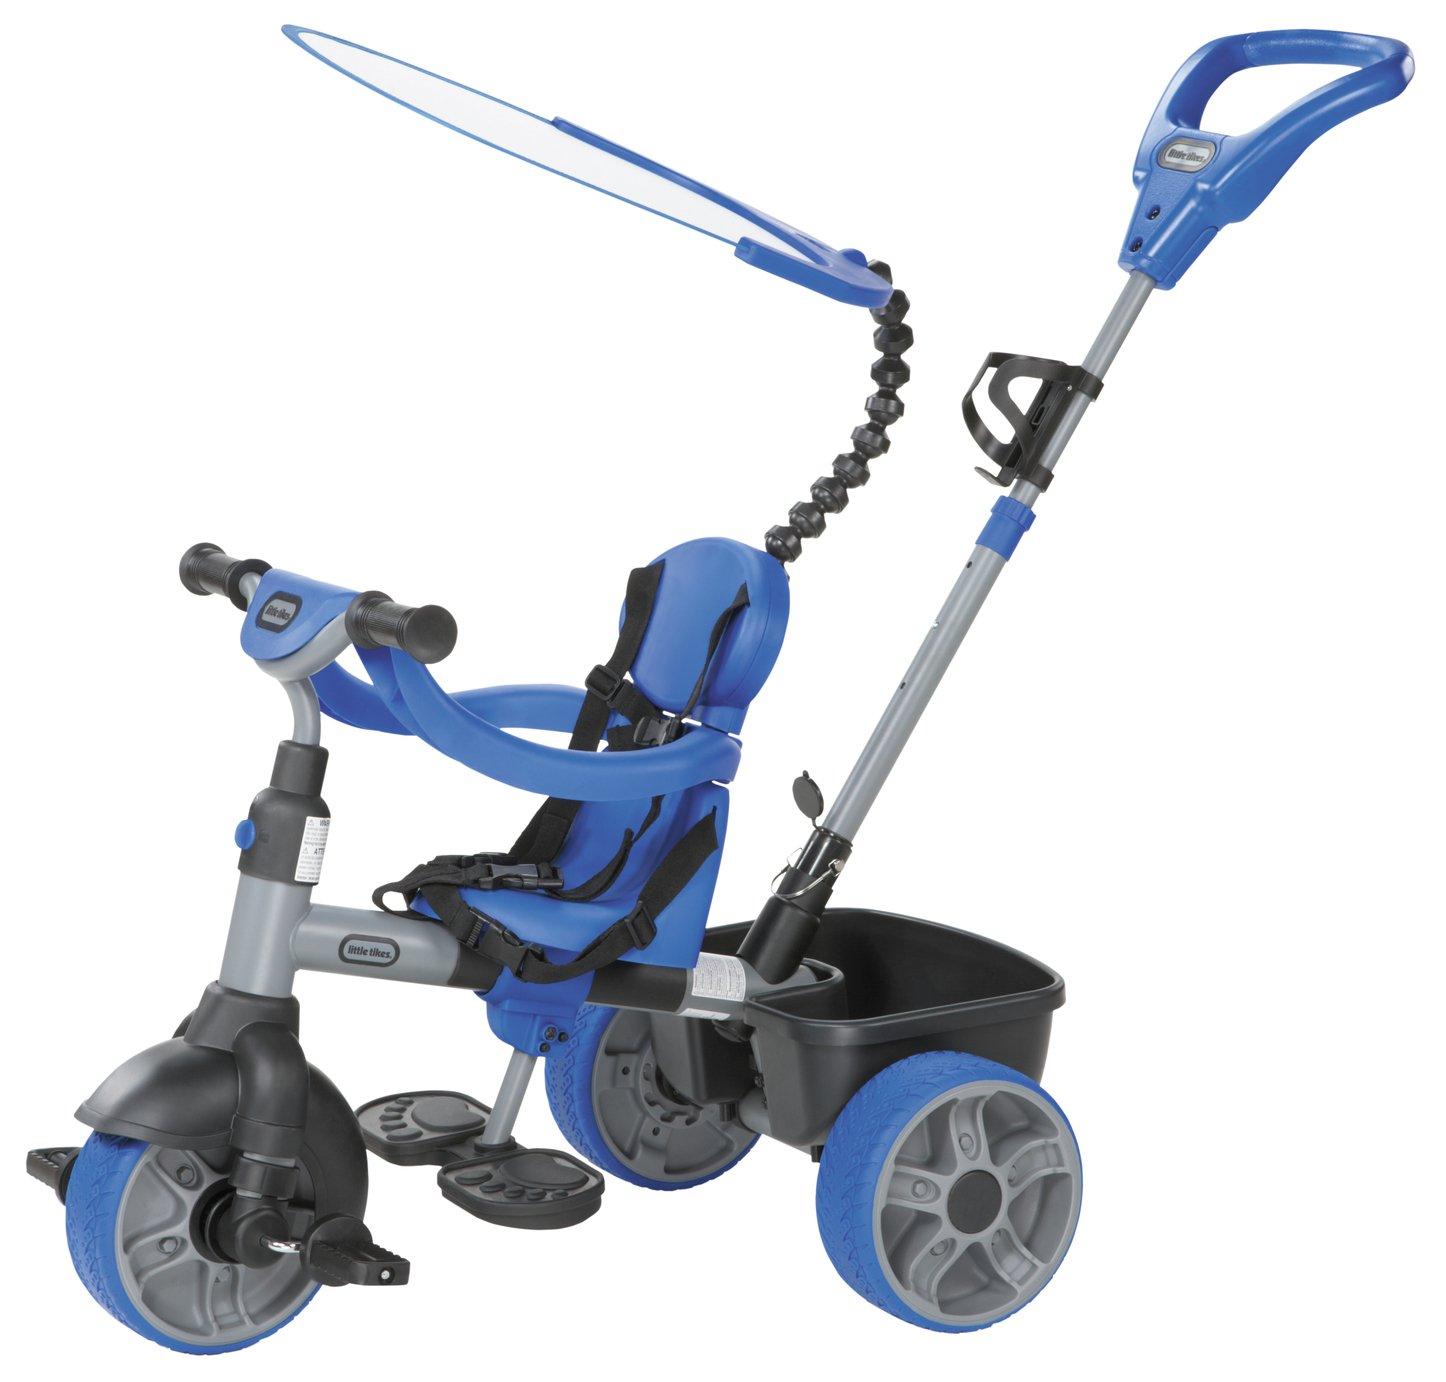 Little Tikes - 4-in-1 Trike - Blue